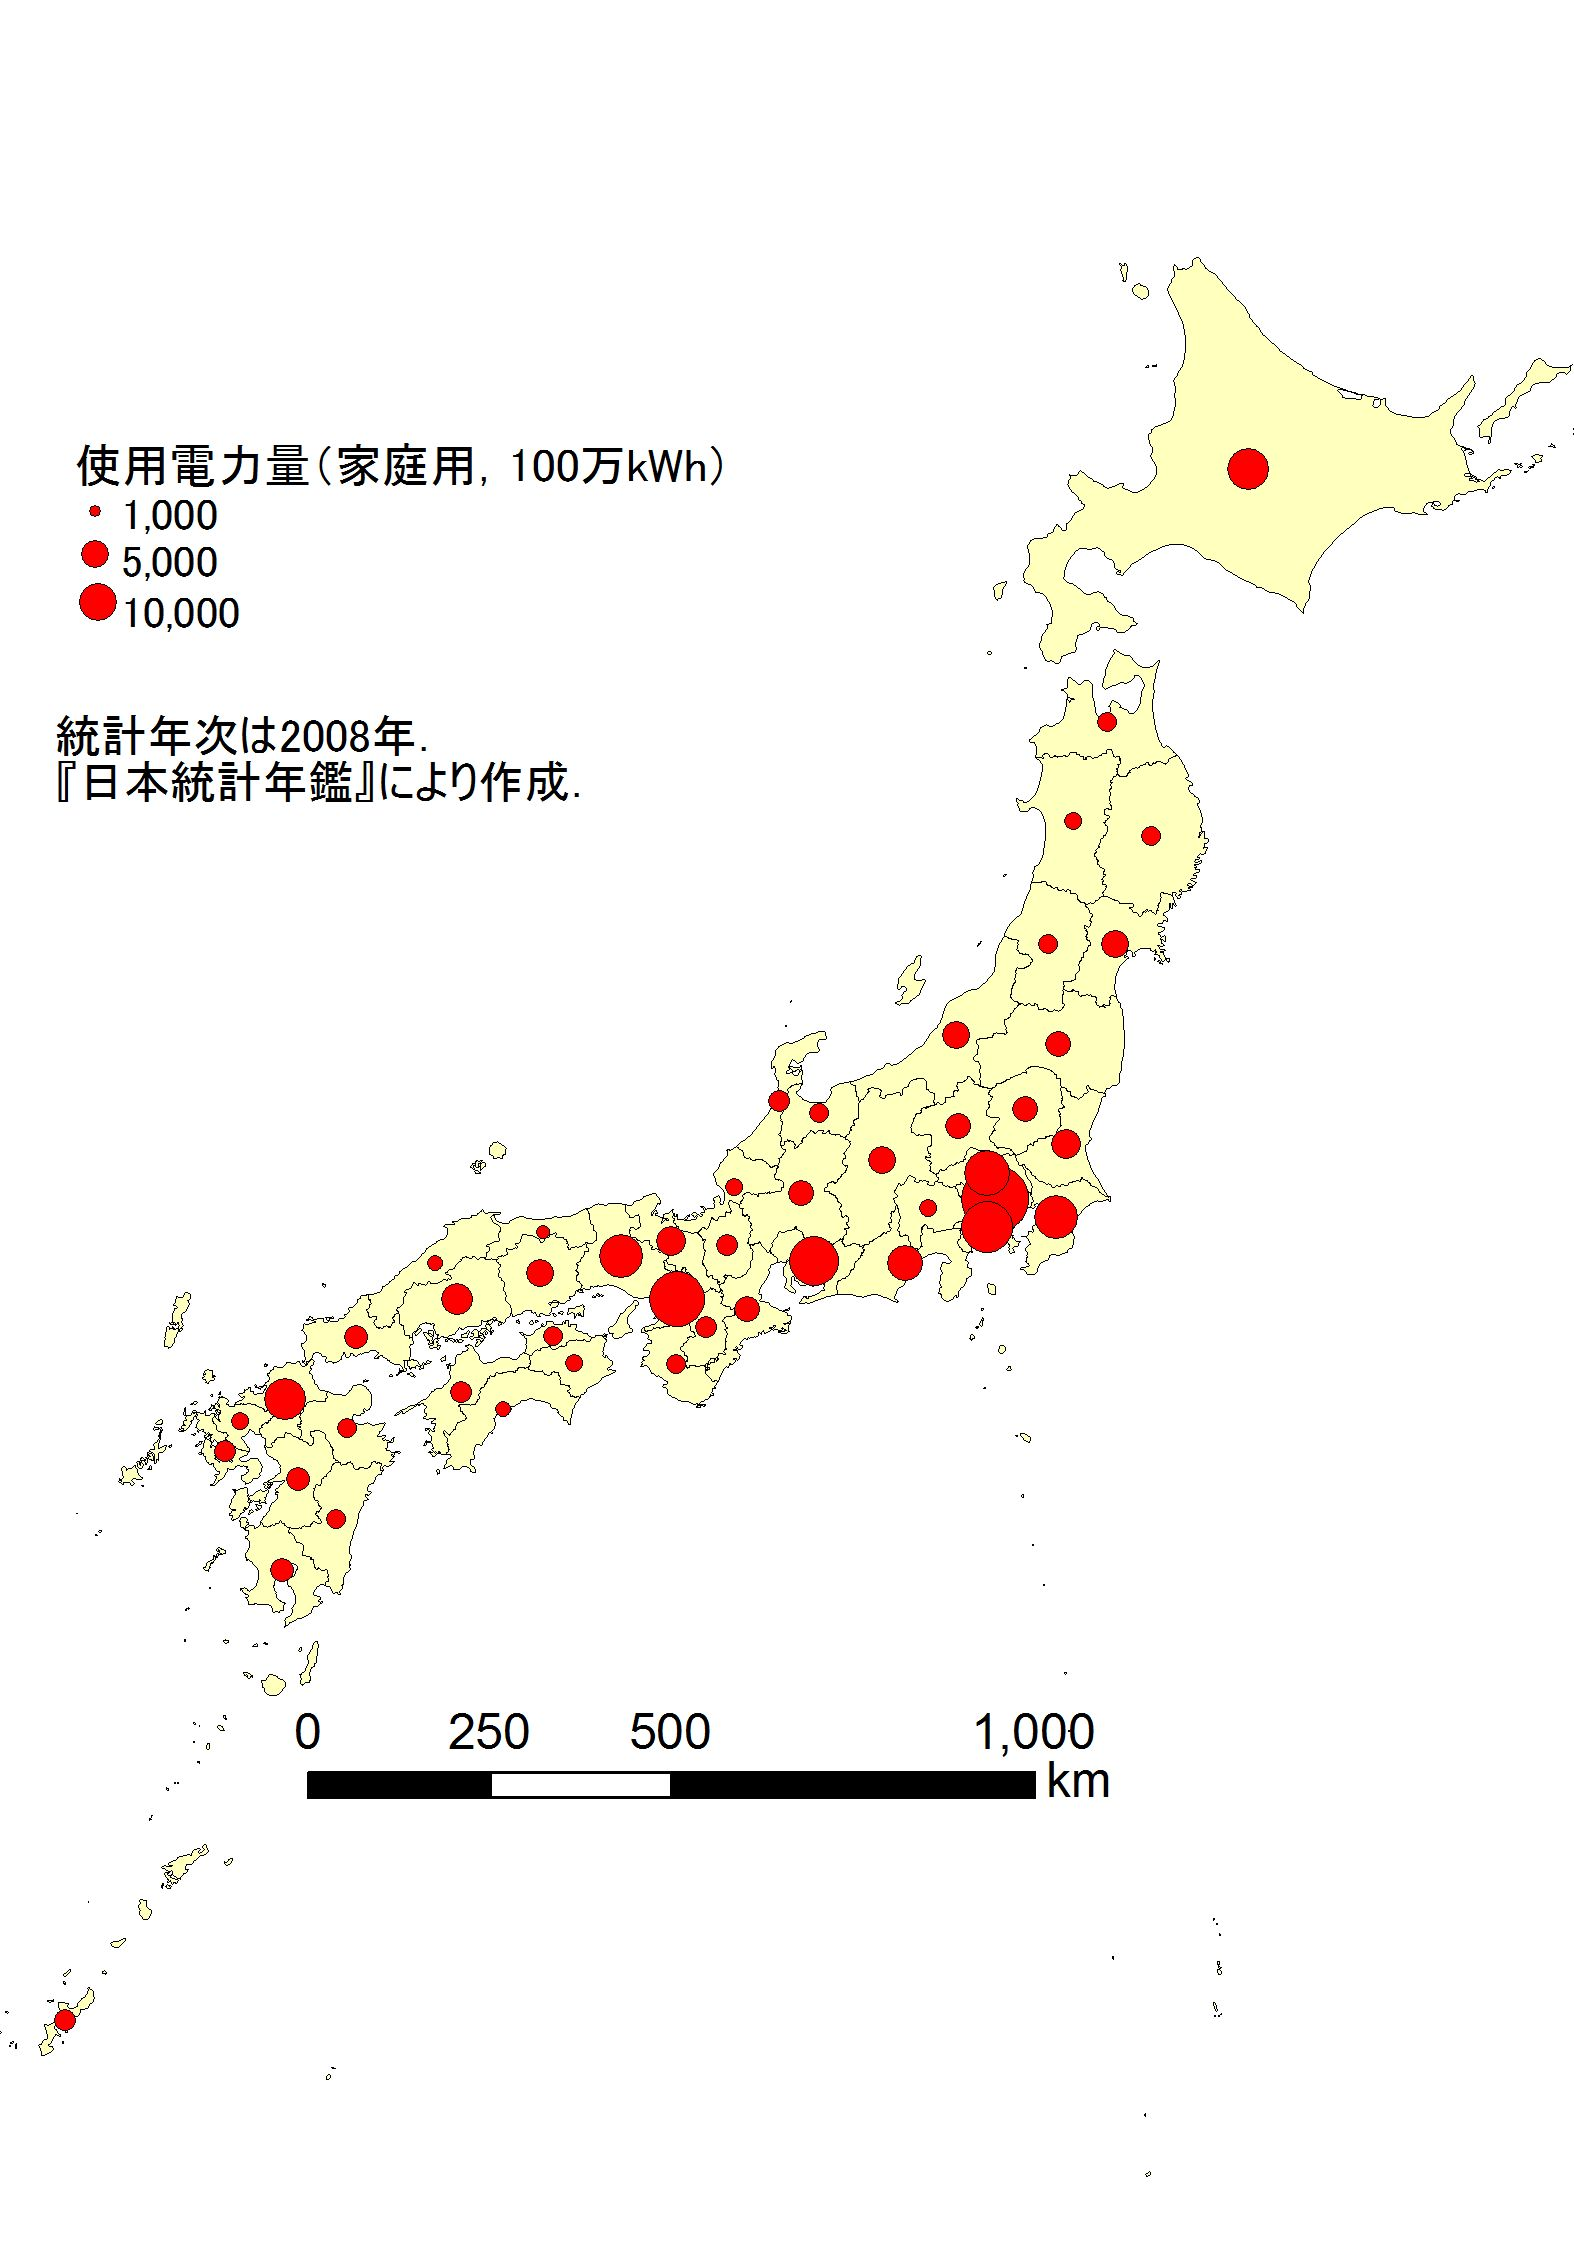 参考資料 ・日本の都道府県別家庭用電力使用量を示す図形表現図のjpegファイルはコチラ